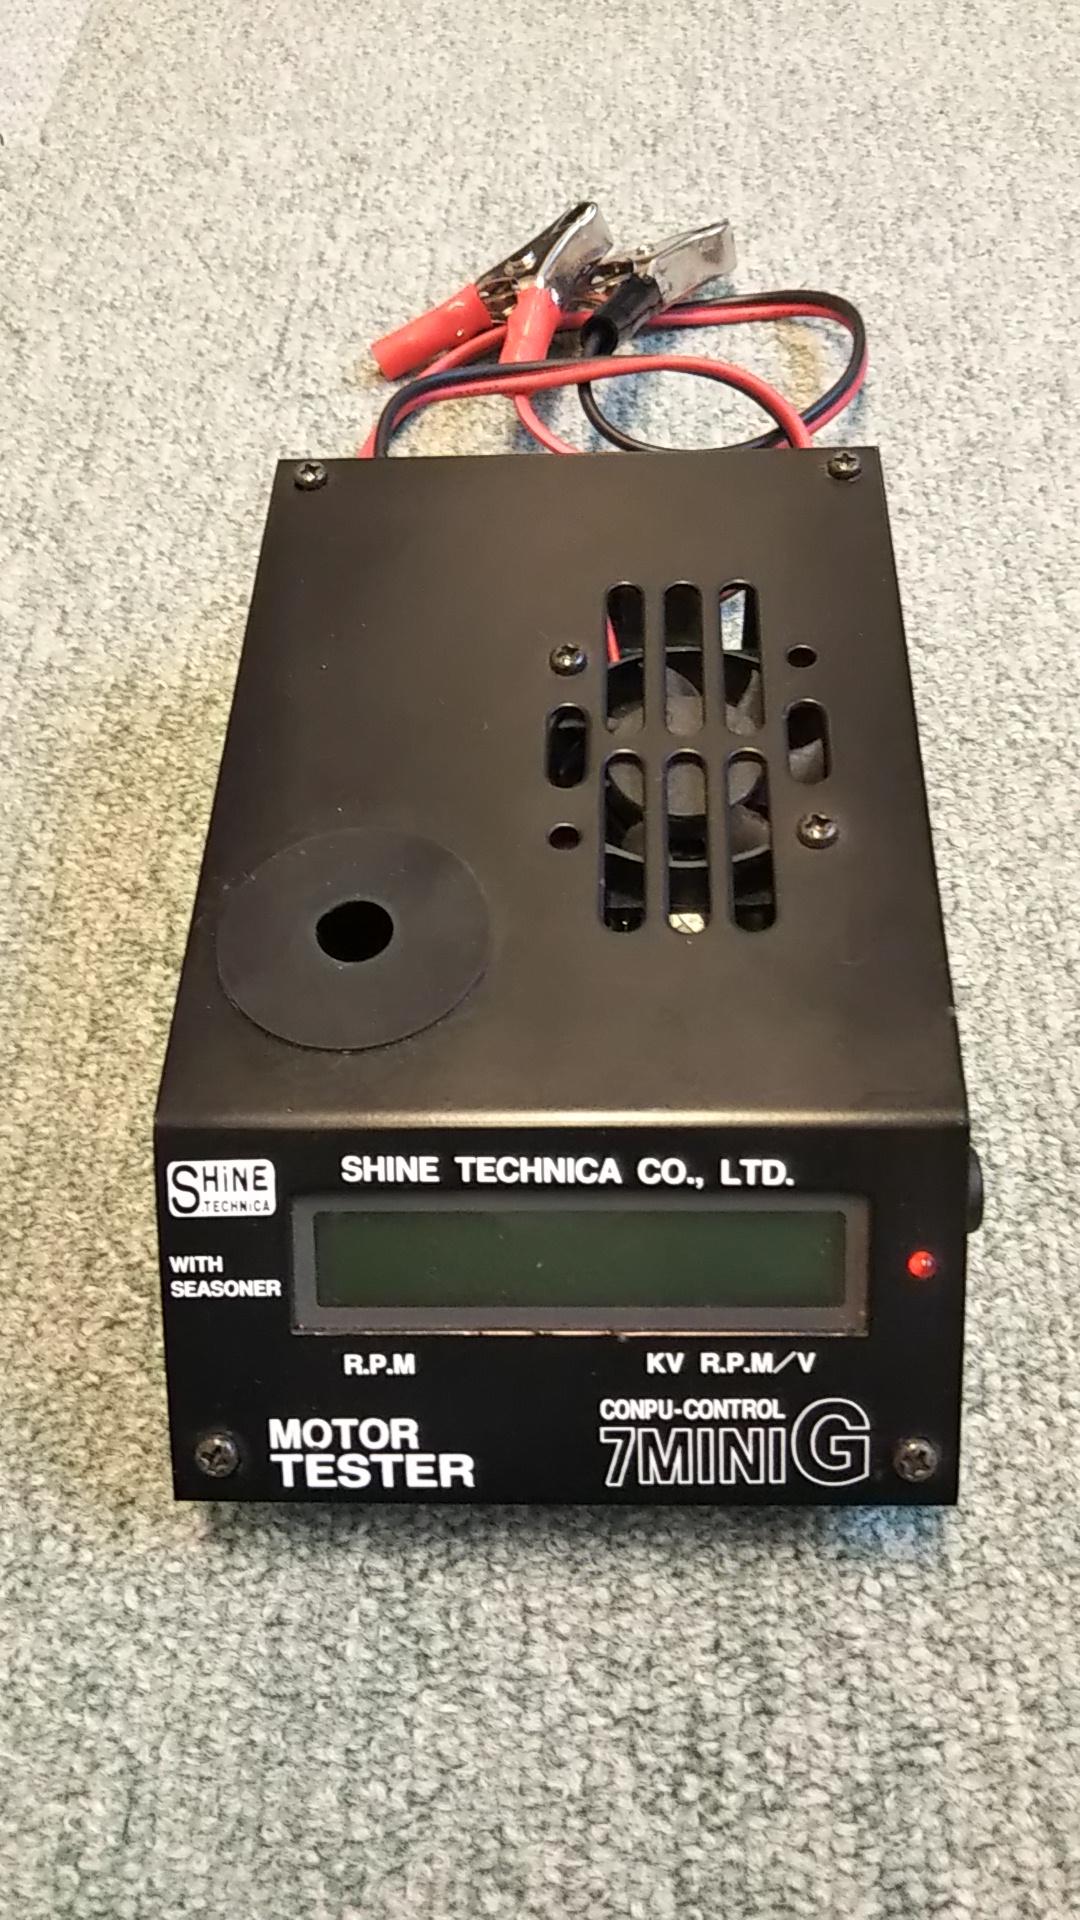 シャインテクニカ7miniGの初期型